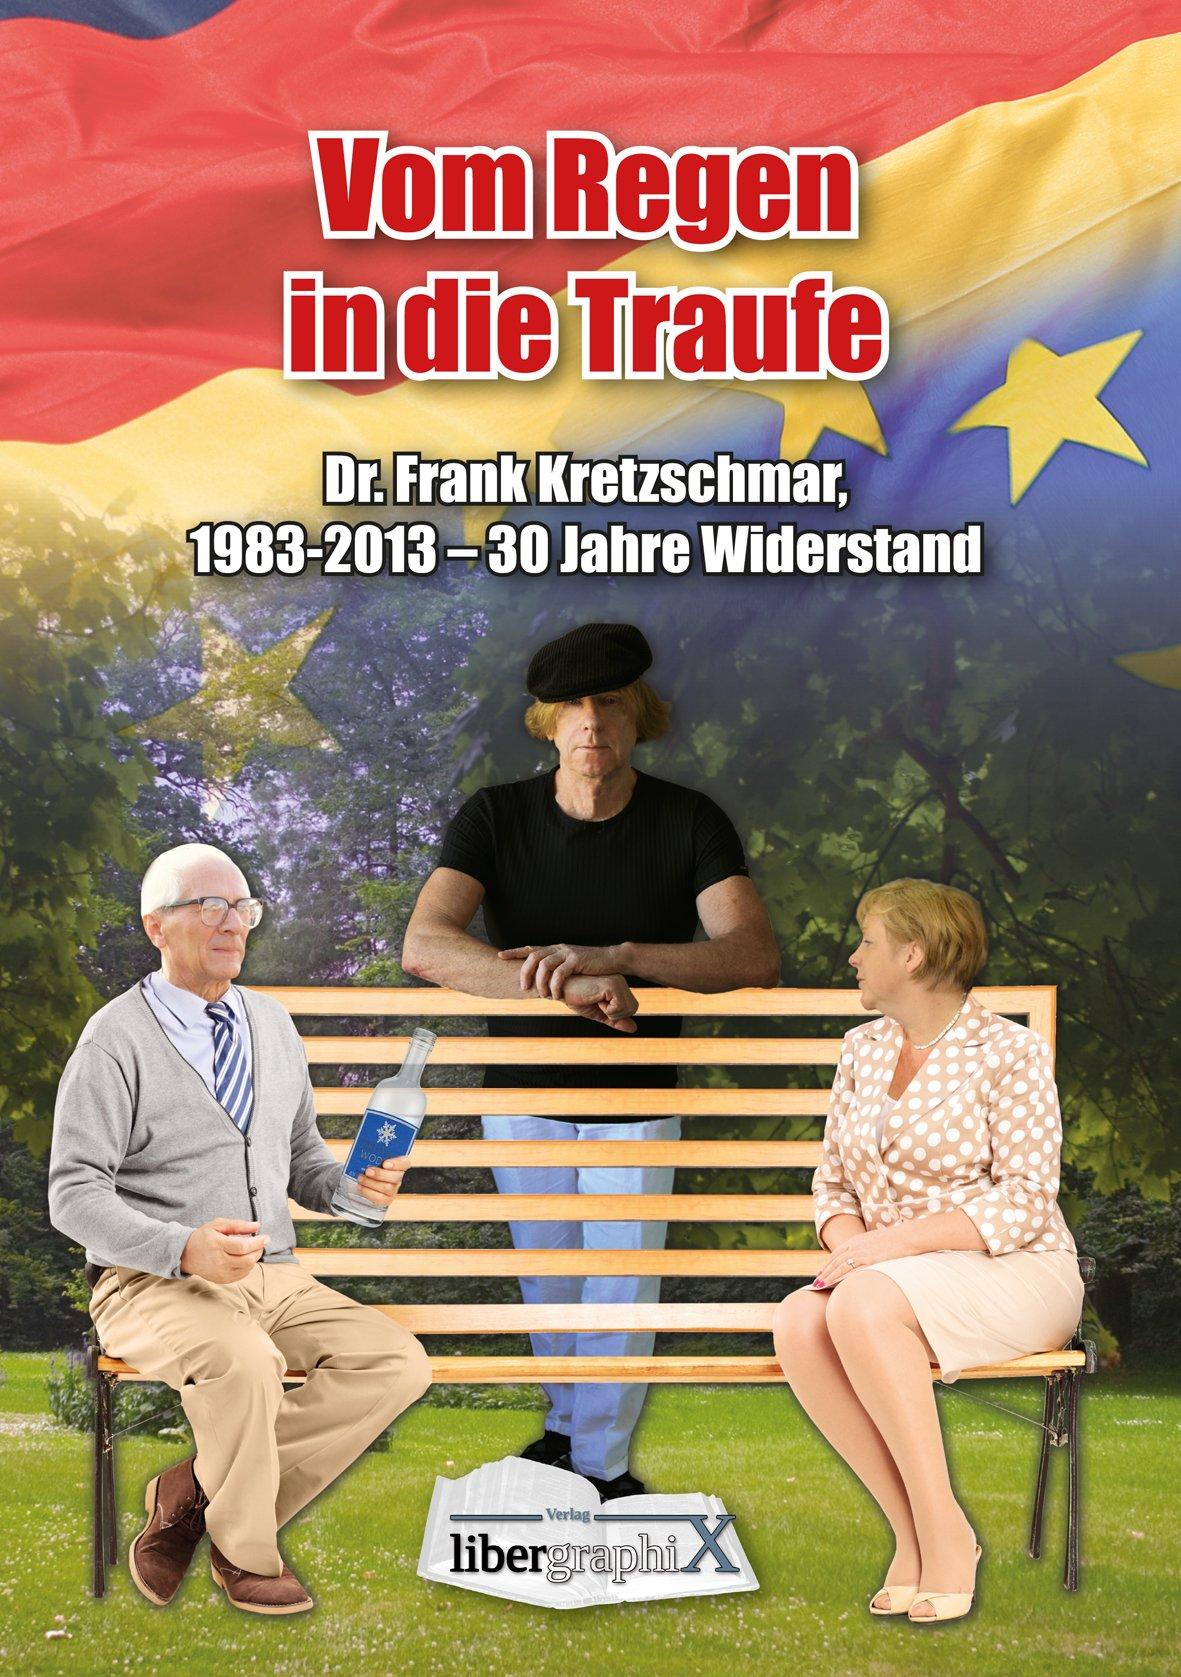 Vom Regen in die Traufe: Dr. Frank Kretzschmar, 1983-2013 – 30 Jahre Widerstand